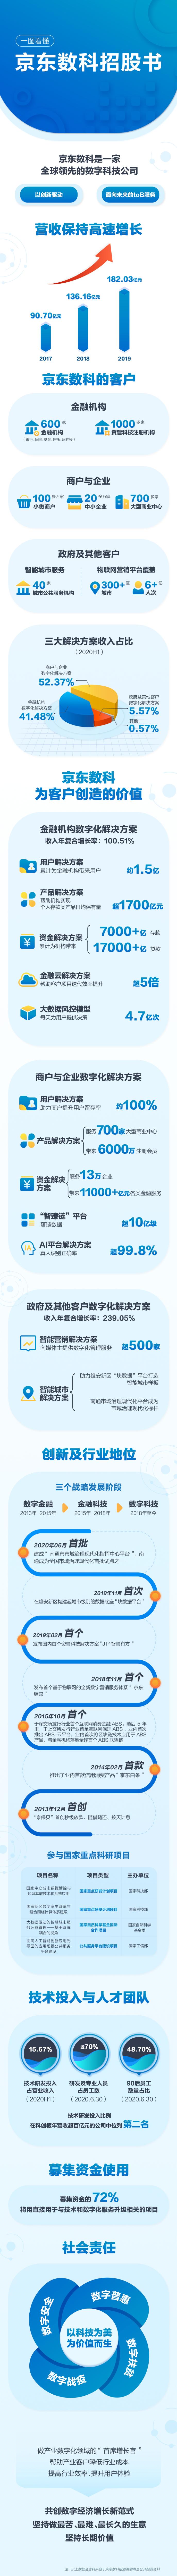 京东数科招股书披露:拟发行5.3亿股 去年盈利7.9亿元